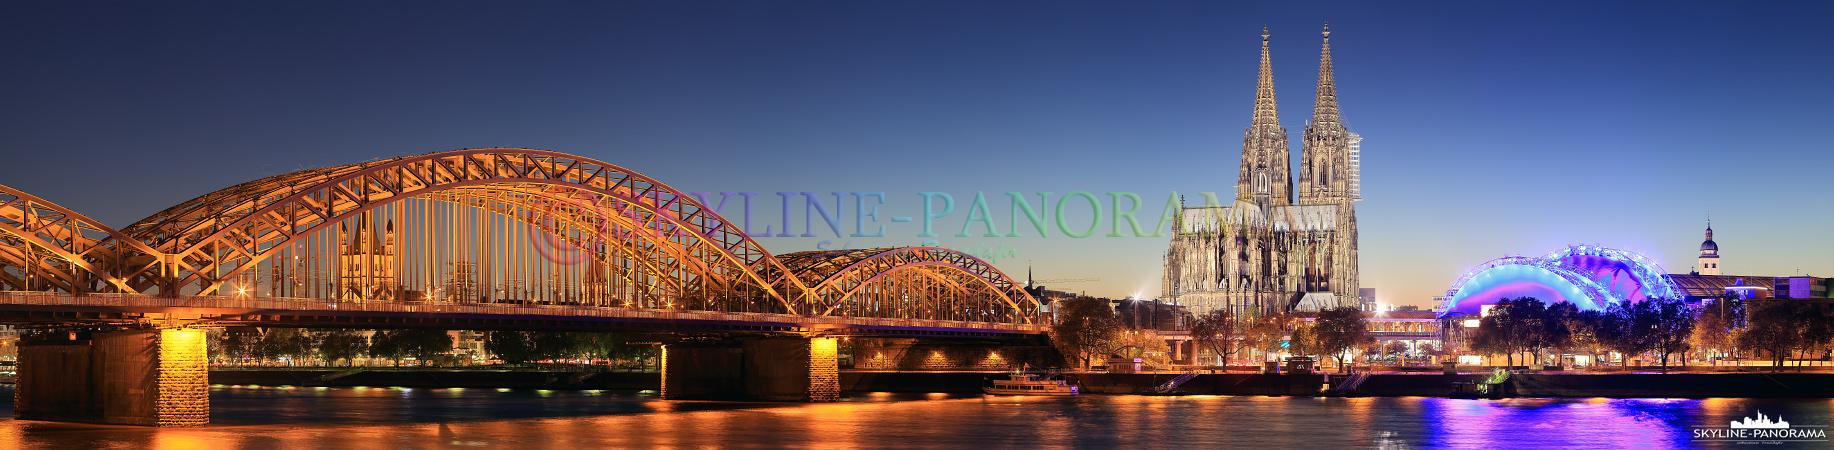 Bilder von Köln - Das Panorama auf Köln zur Dämmerung mit der Hohenzollernbrücke und dem Kölner Dom vom Kennedy Ufer aus gesehen.